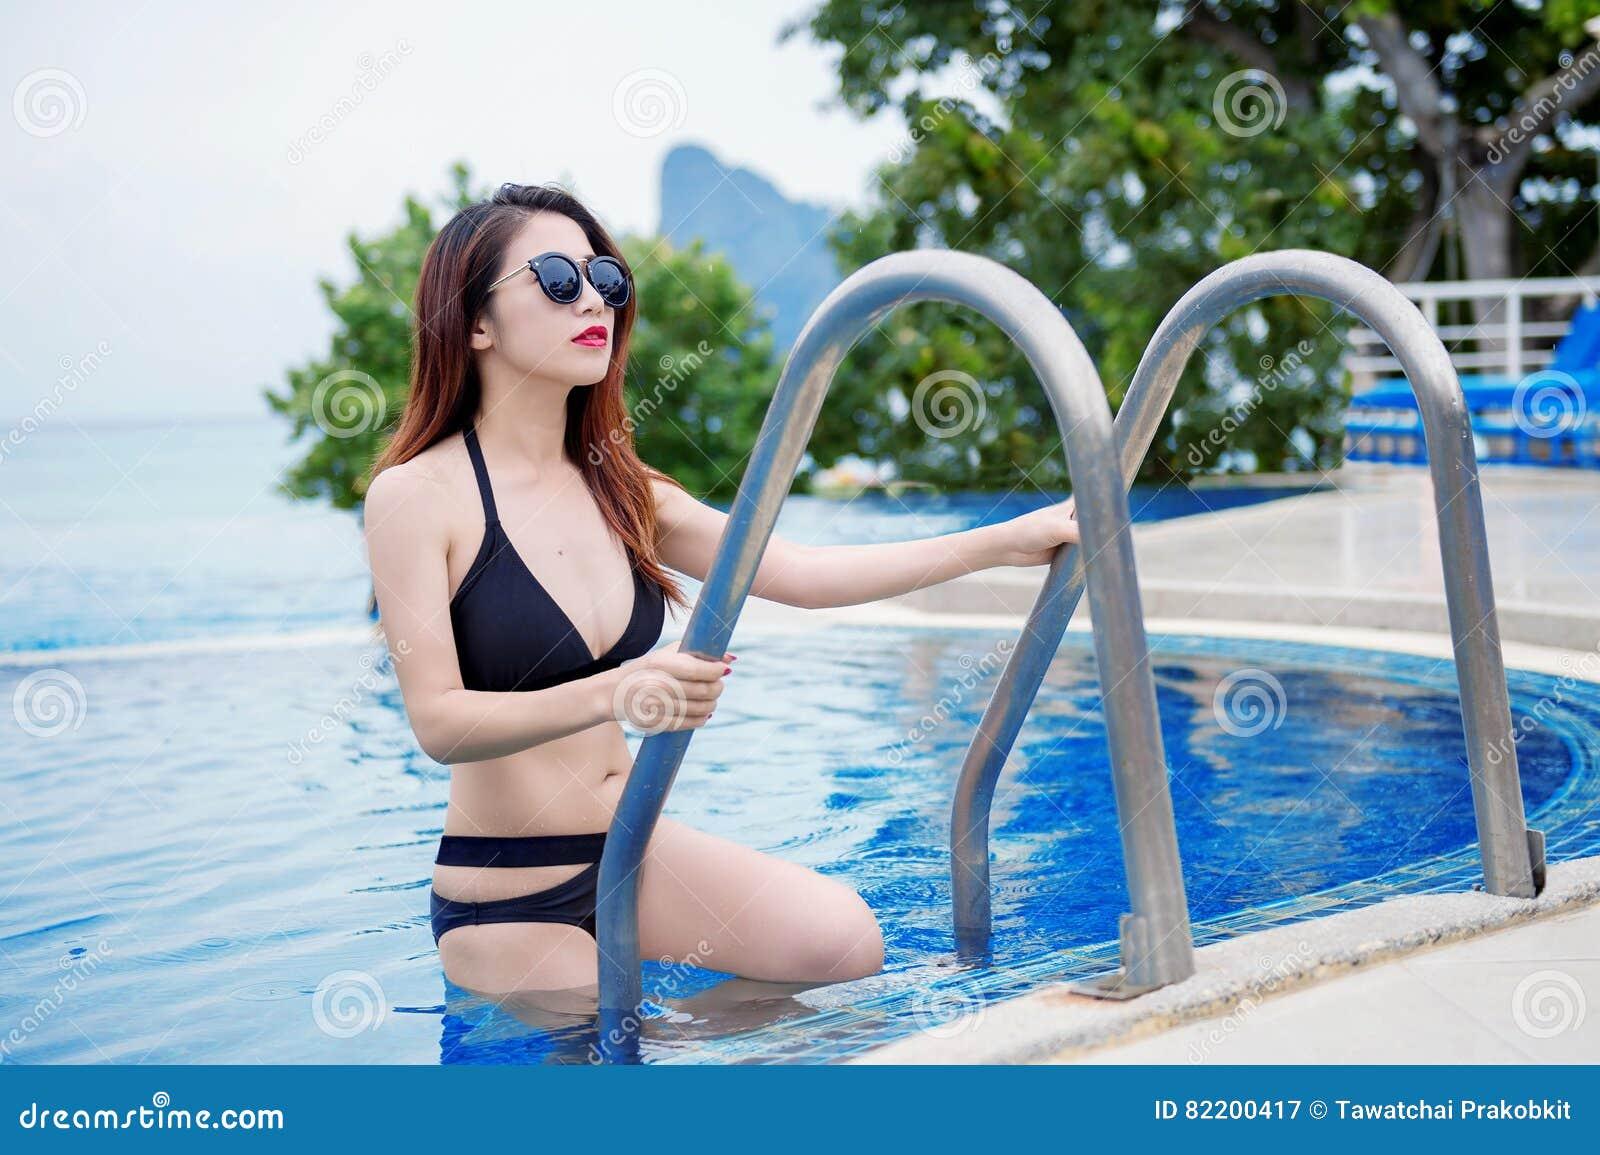 Сексуальные девушки в бикини в бассейне